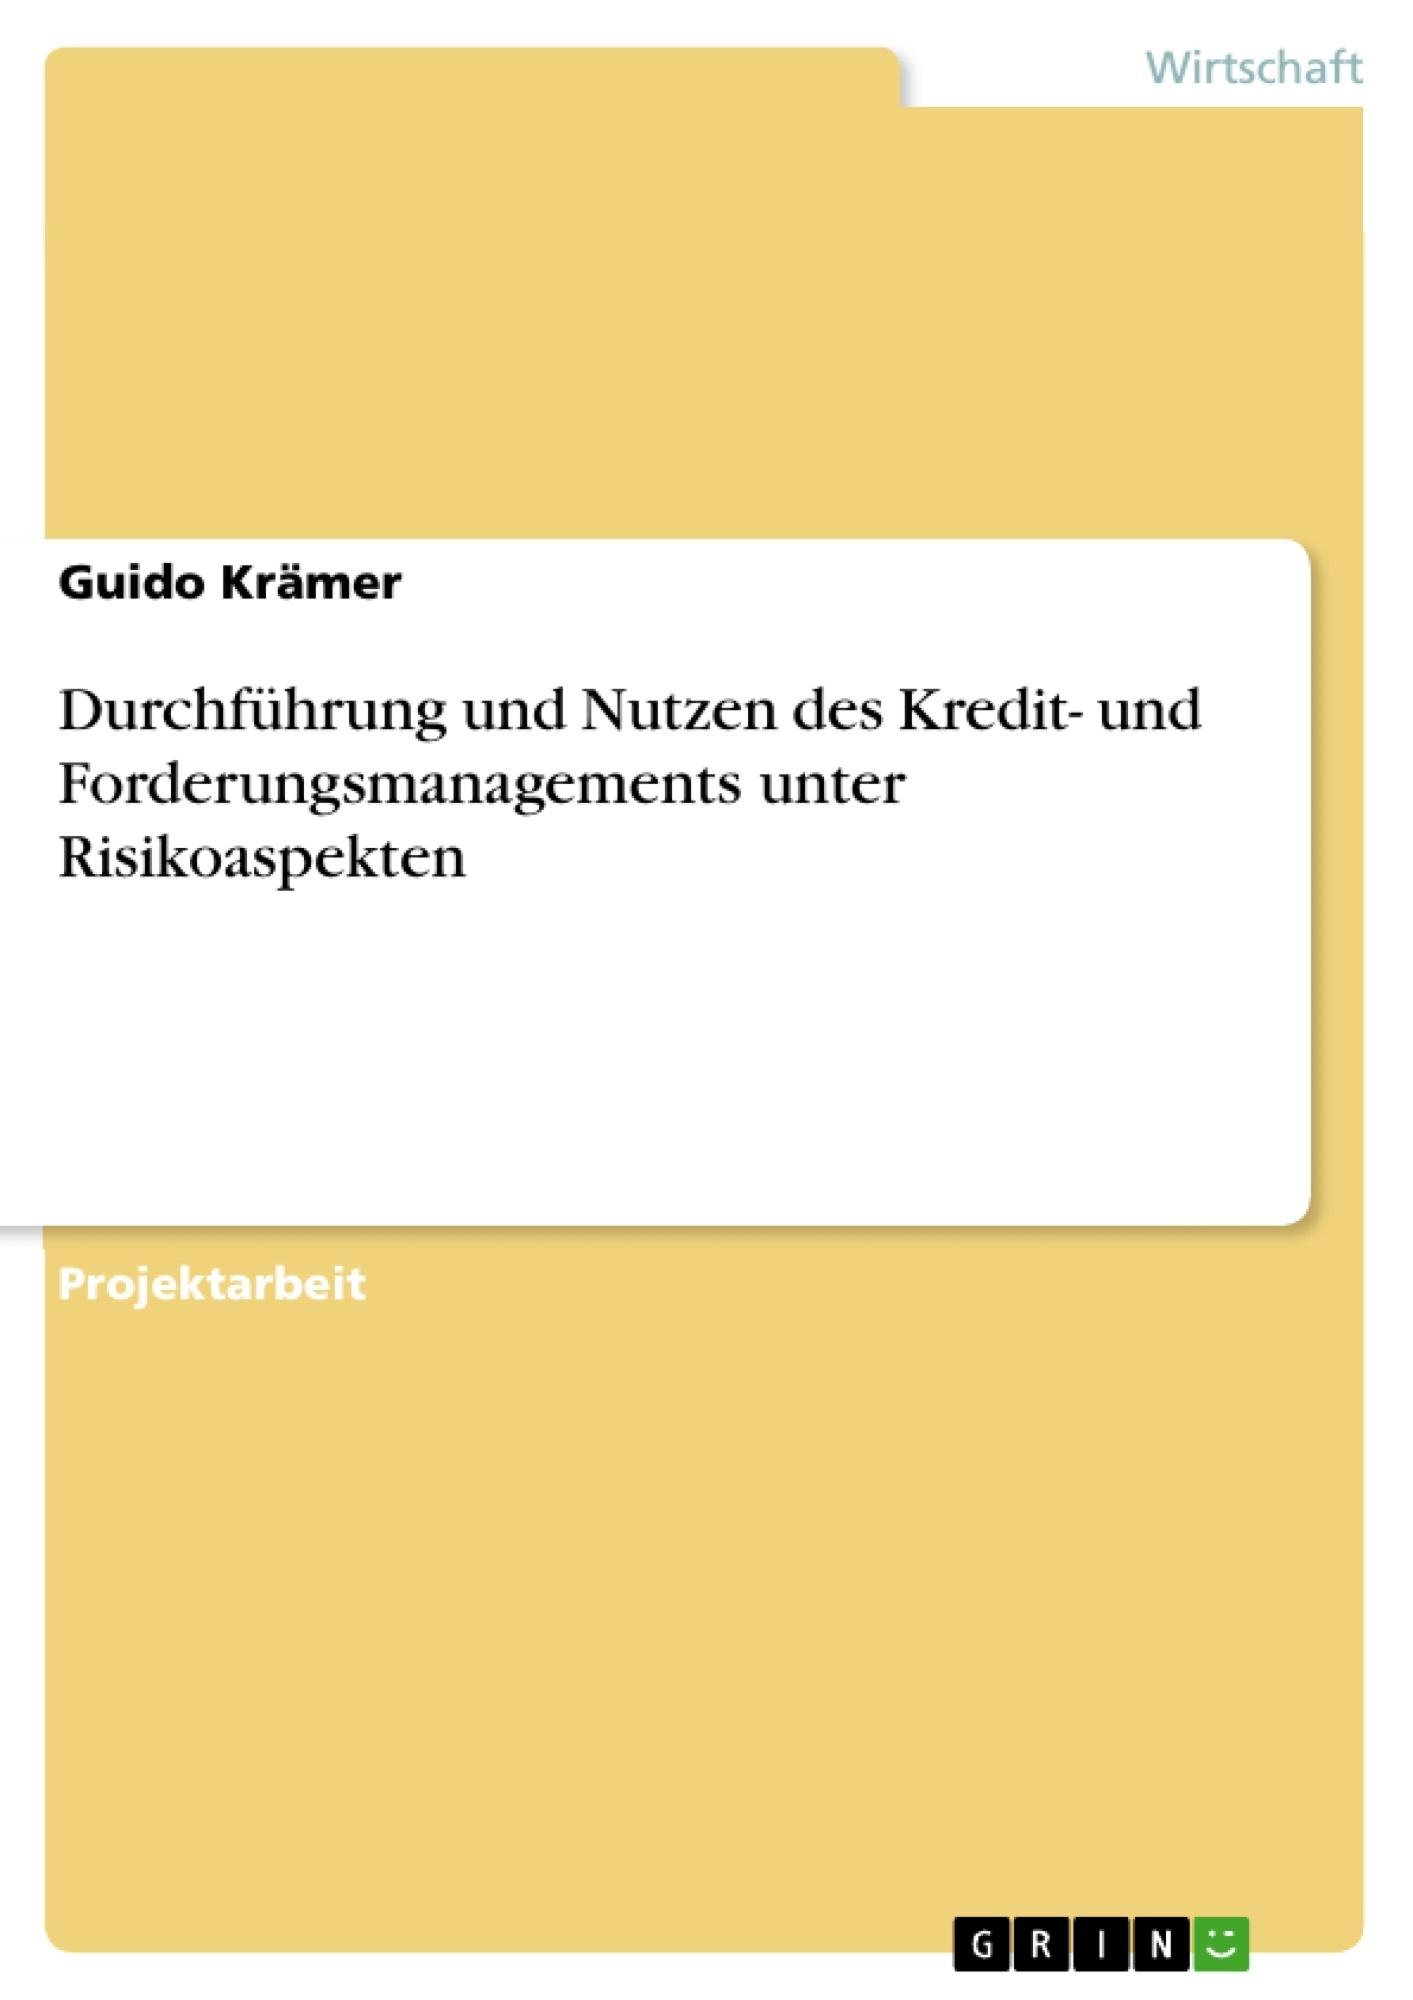 Titel: Durchführung und Nutzen des Kredit- und Forderungsmanagements unter Risikoaspekten